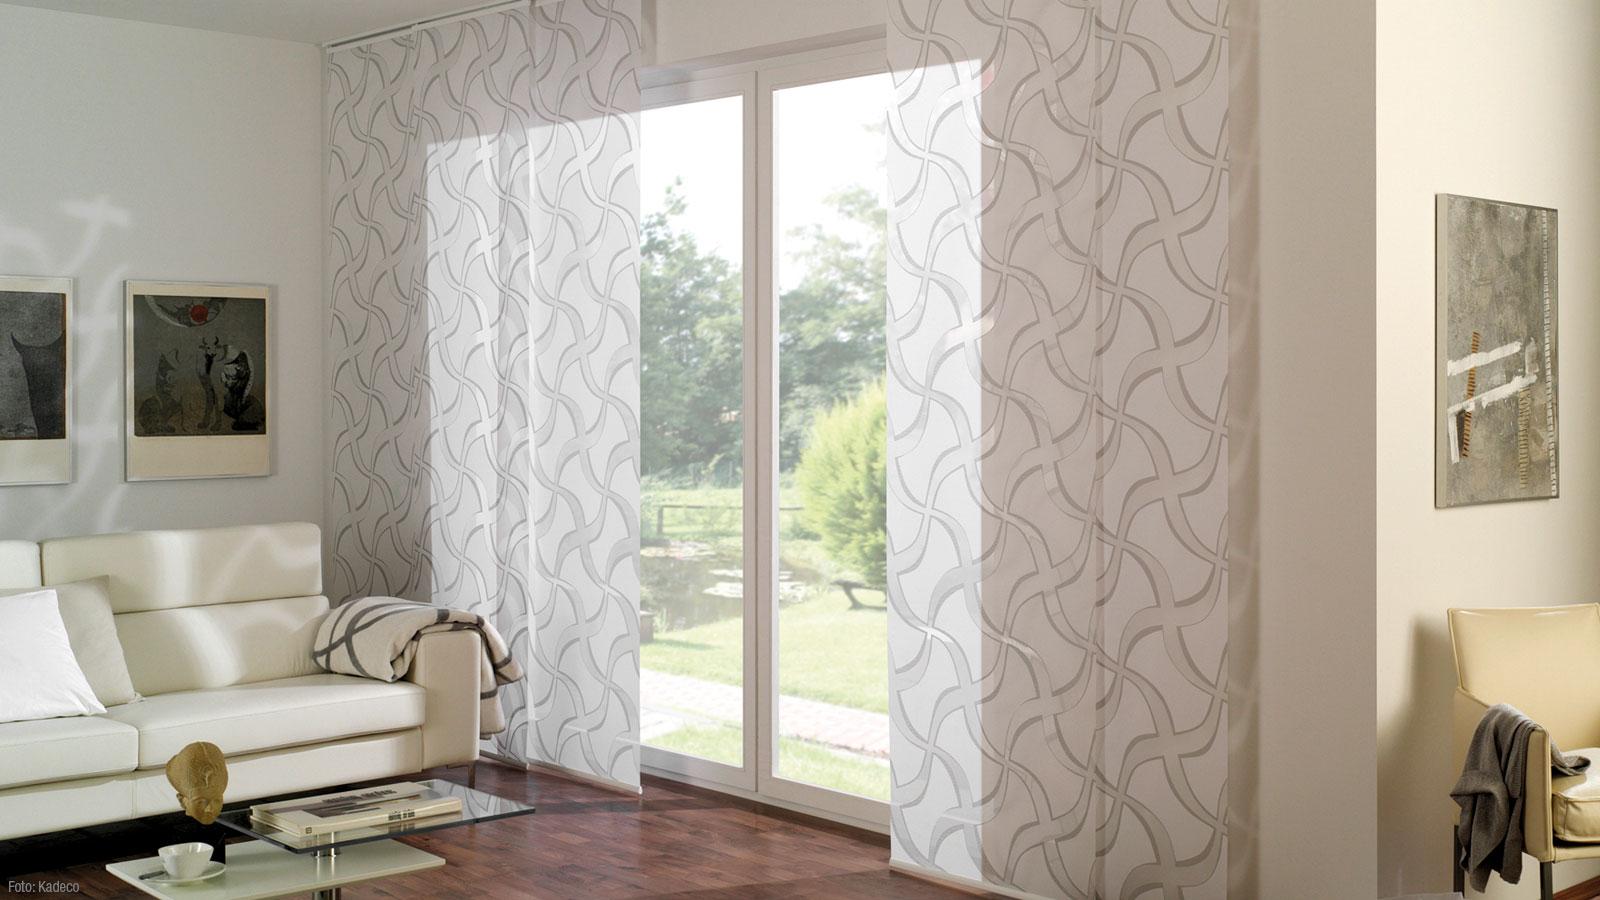 Ideen Fur Gardinen Luxurioses Interieur Design: Weiß